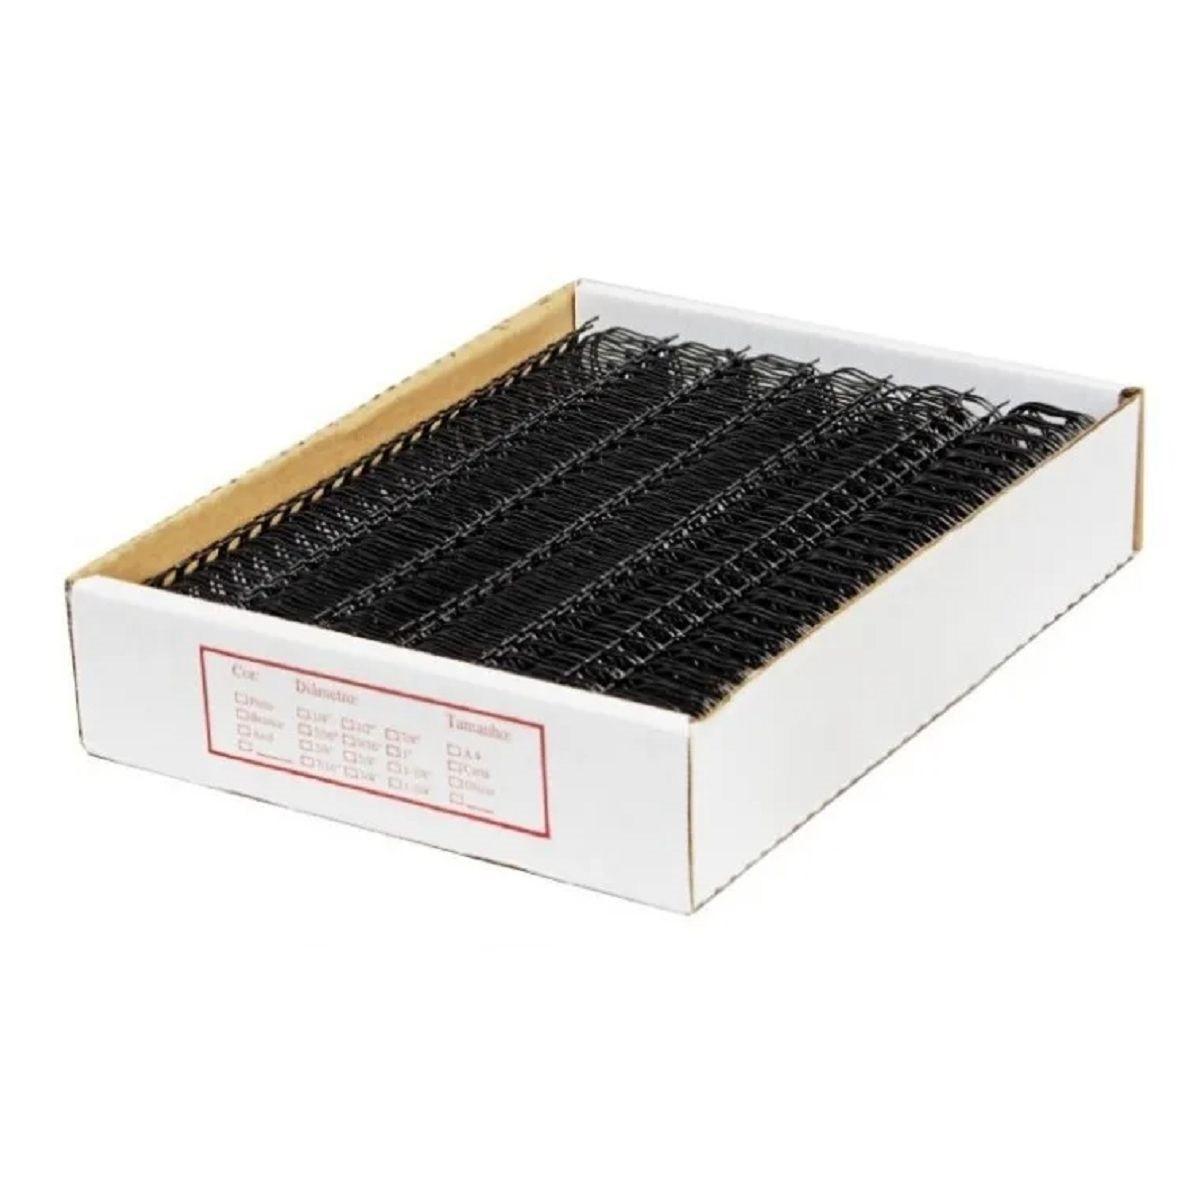 Kit 250 Garras Wire-o para Encadernação A4 Preto Passo 2x1 - 1 1/4, 1 1/8, 1, 7/8, 3/4 e 5/8  - Click Suprimentos